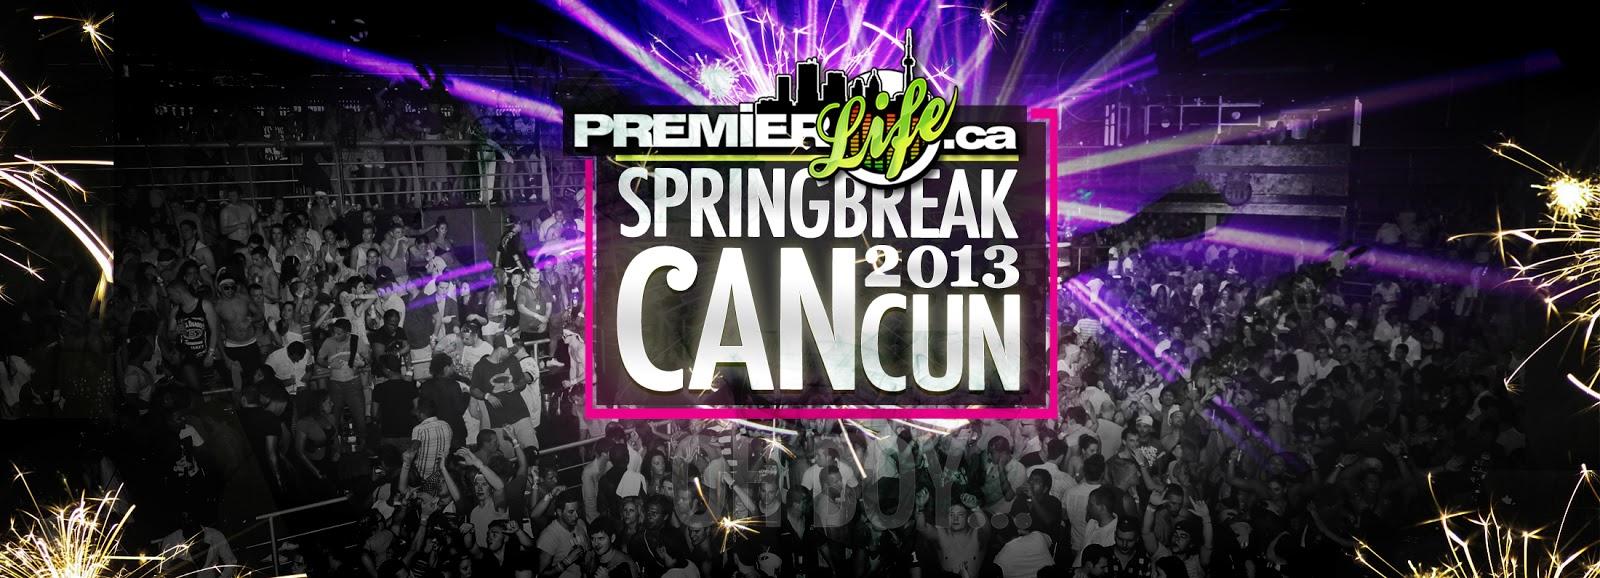 Spring Break Cancun 2013 Pictures Spring Break 2013 in Cancun